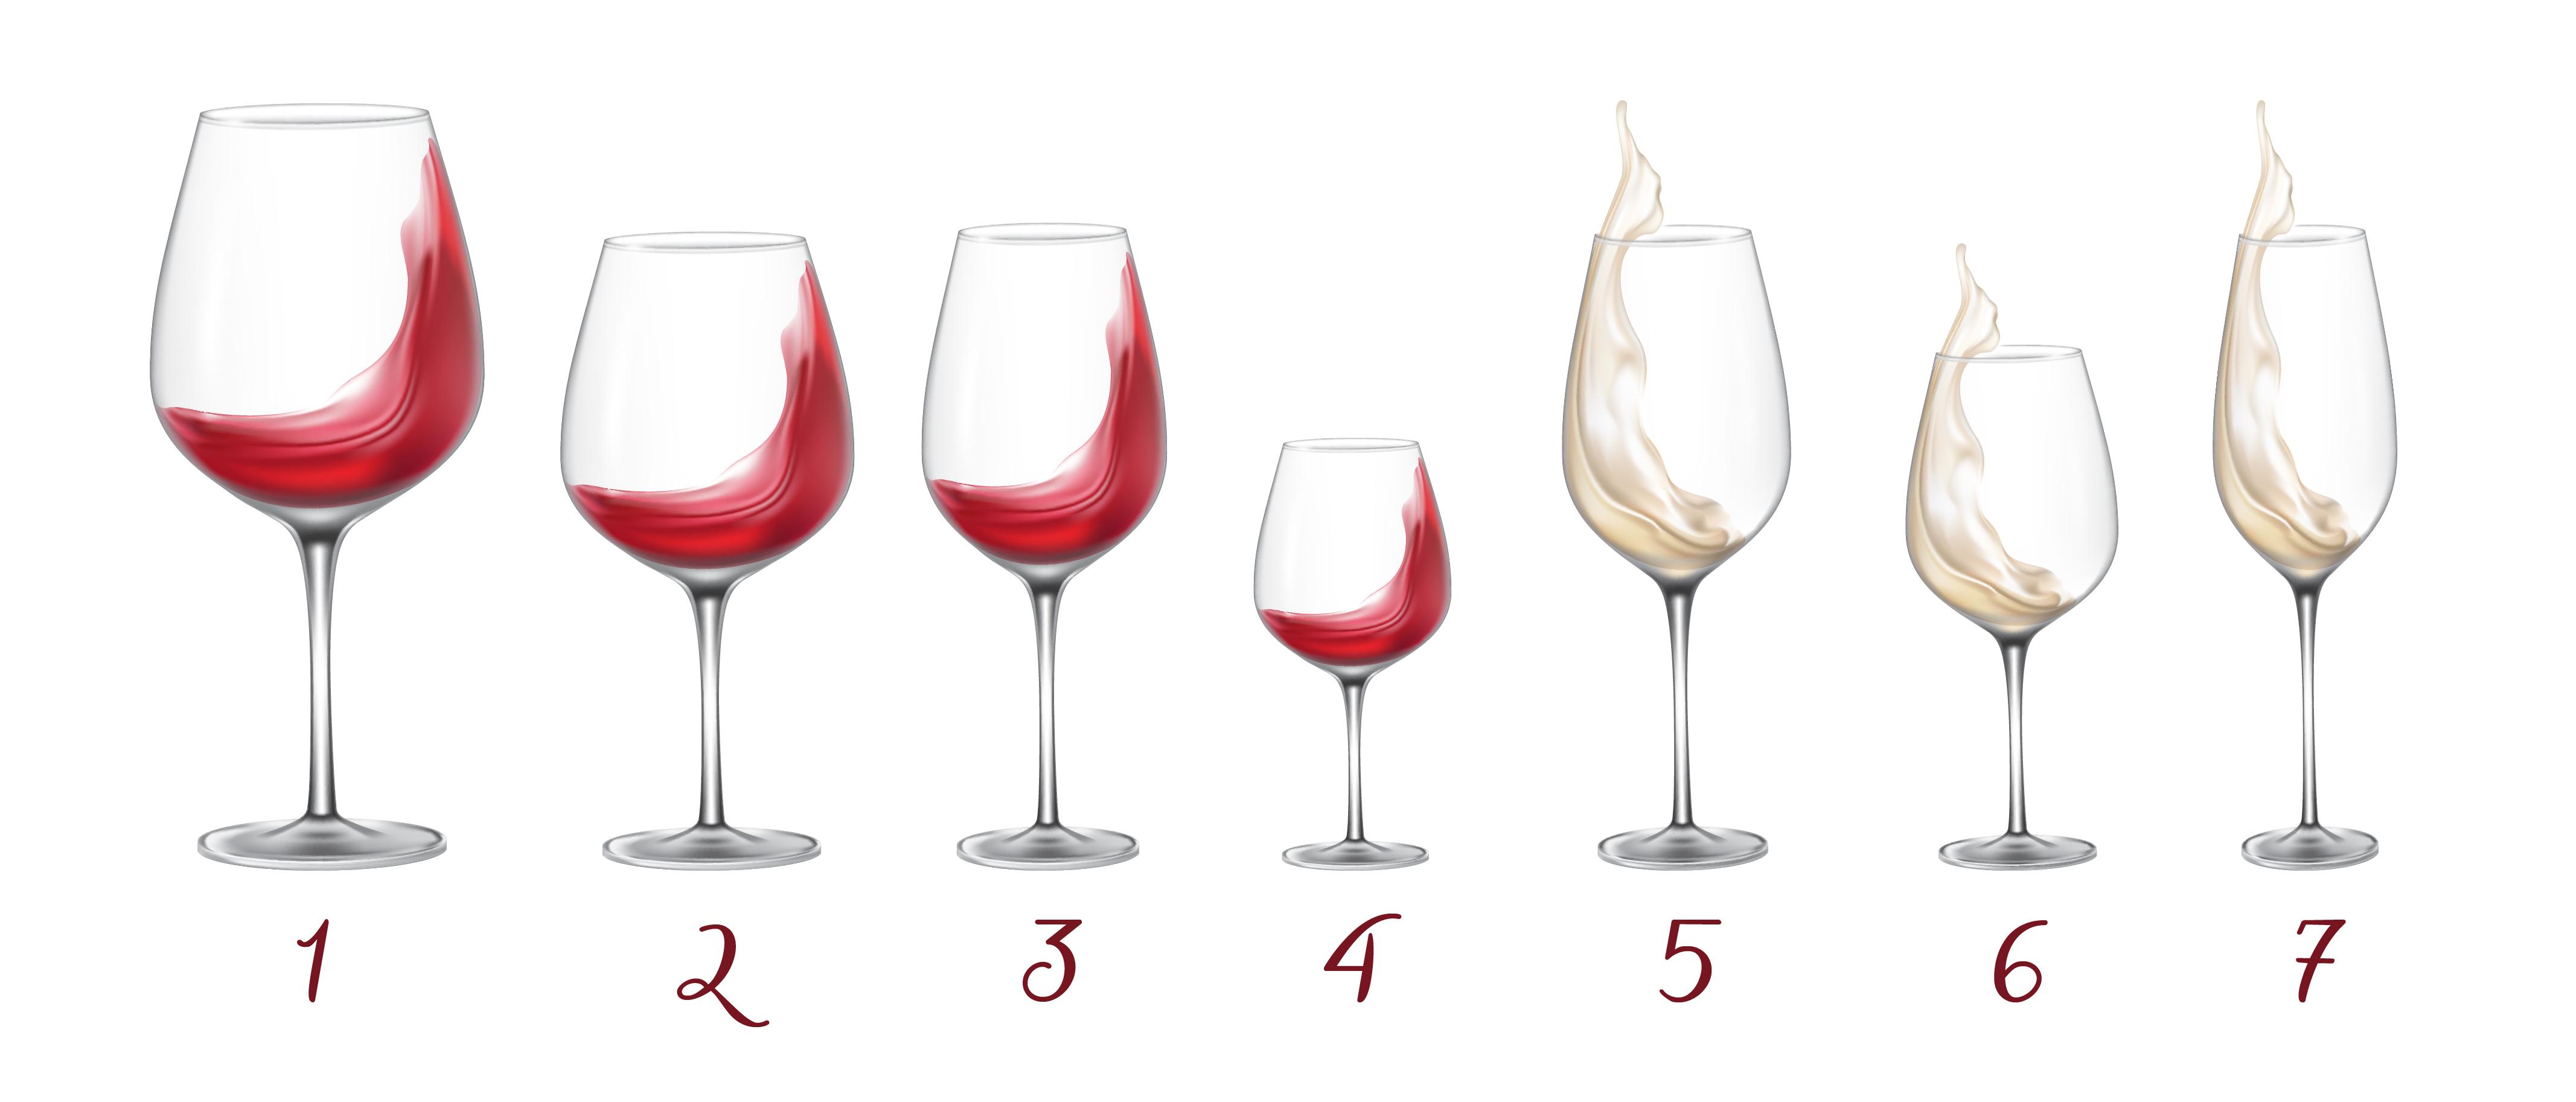 fbc598e3b20 ... glasset ofte kun til det bredeste punkt på bowlen - når man gør dette,  kan vinens aroma få lov til at folde sig ud, og du får mere ud af din vin.